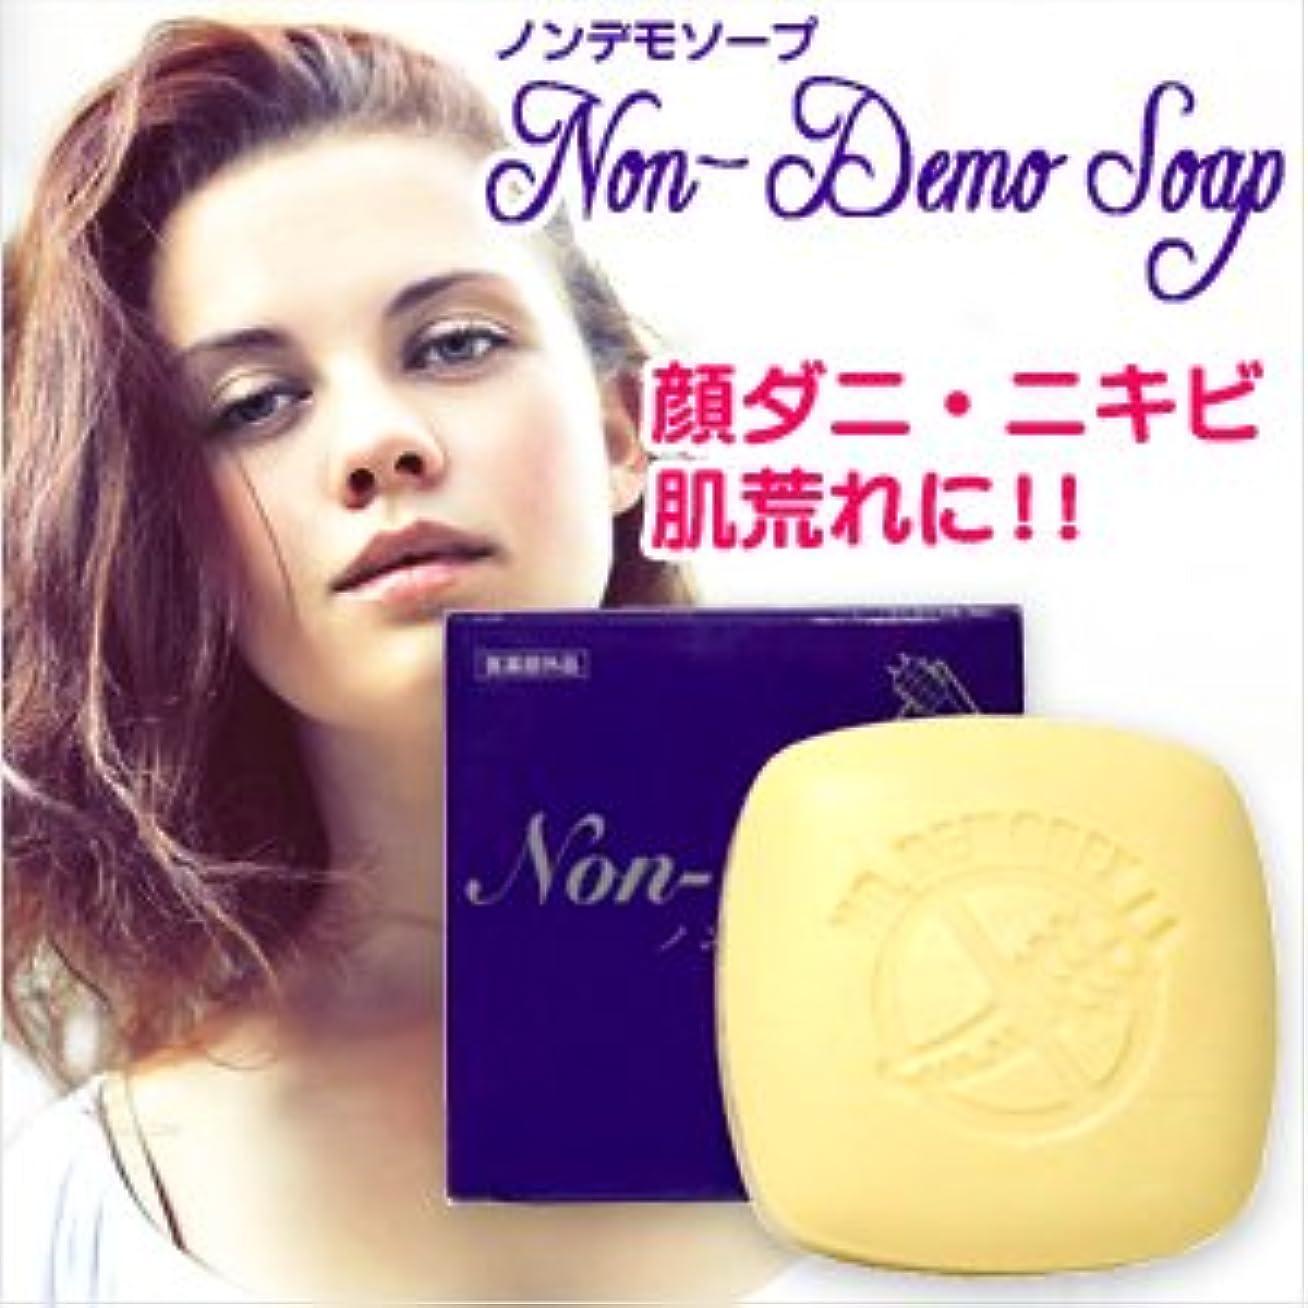 デザート計算する人柄(医薬部外品) 顔ダニ石鹸 ノンデモソープ (Non-Demo Soap) 130g